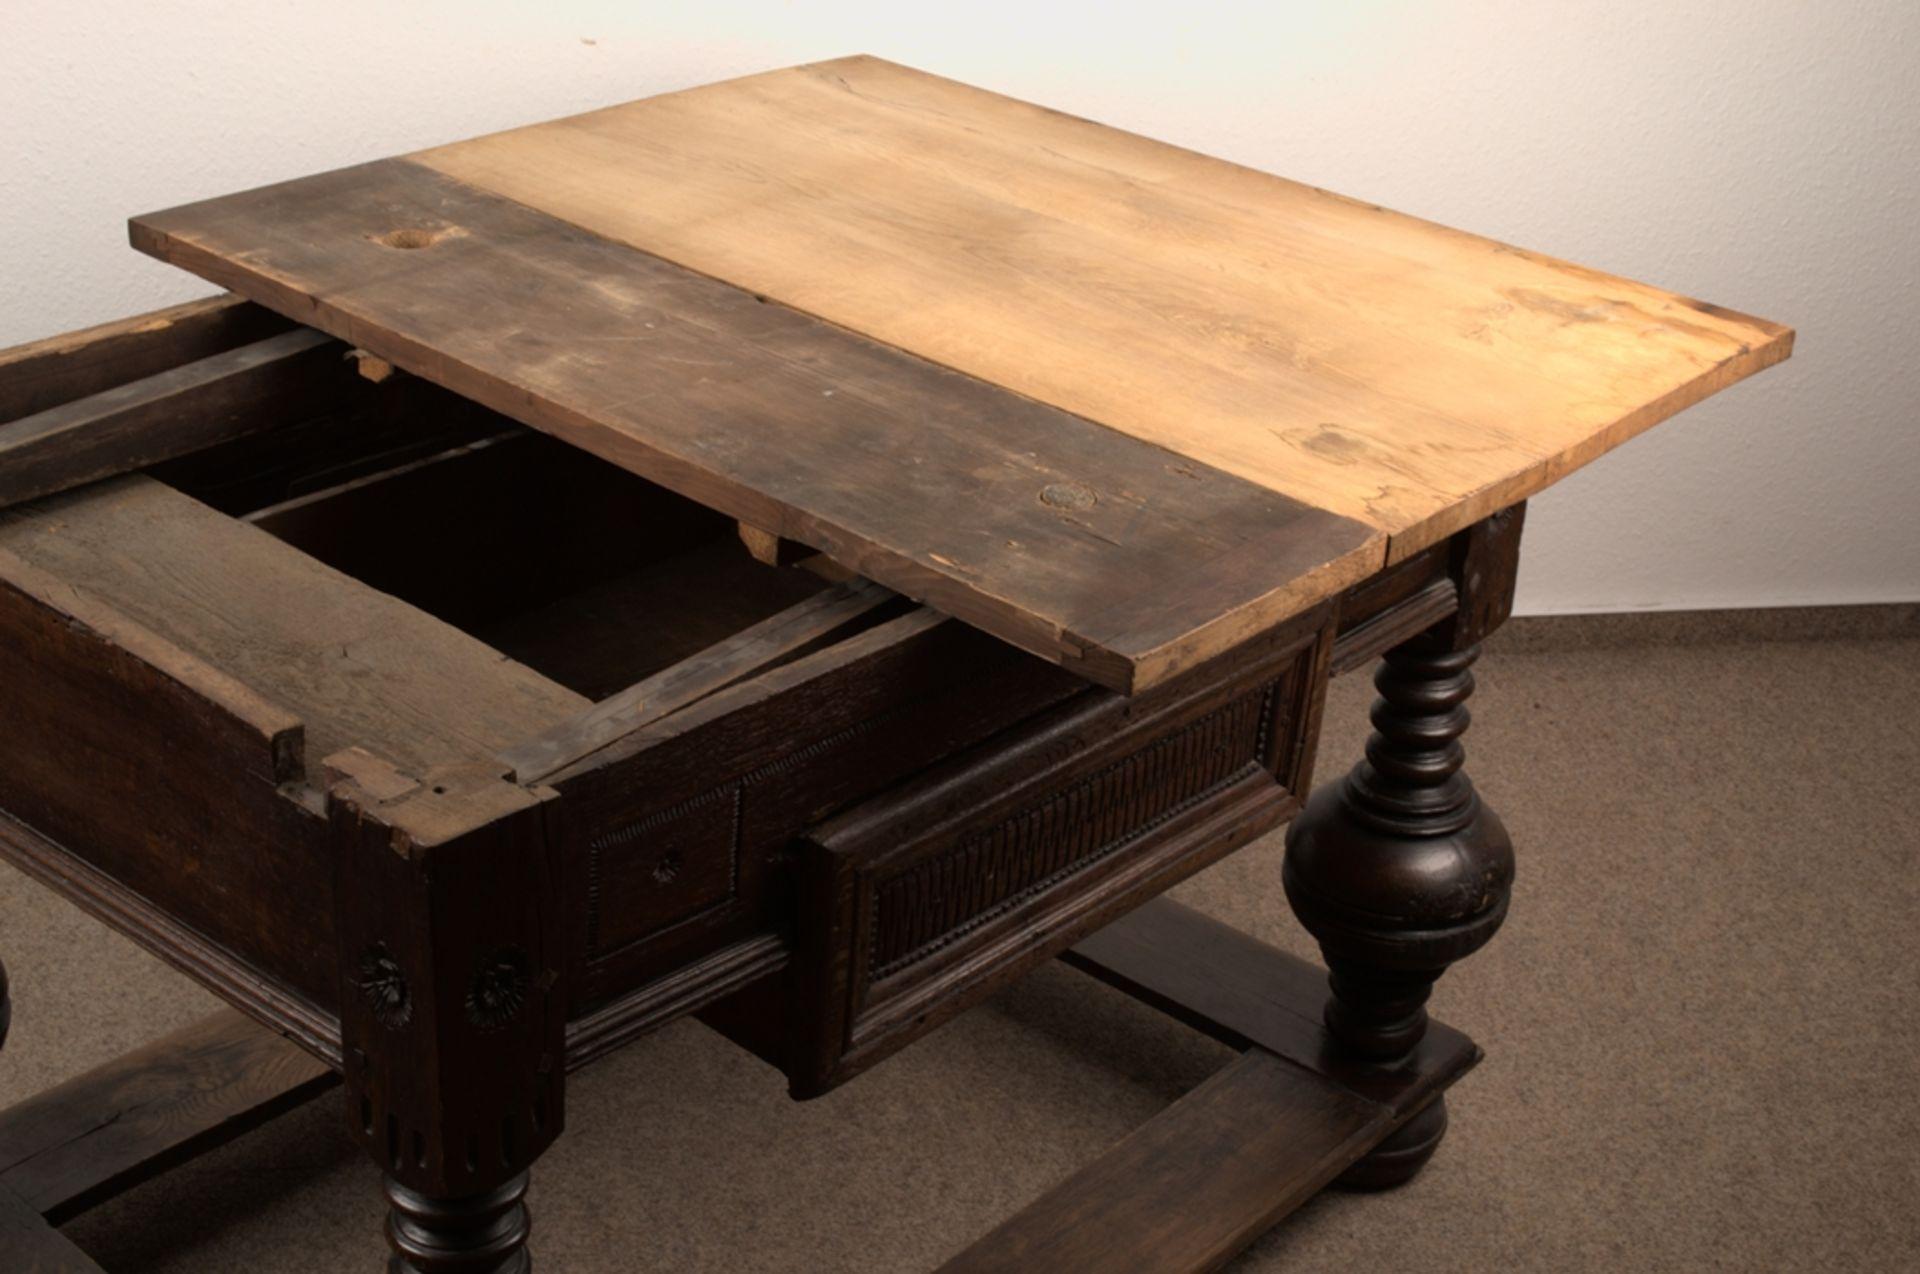 Großer Auszugstisch, Franken um 1730/50. Querverstrebter Tischunterbau mit kräftigen Balusterbeinen, - Bild 12 aus 36